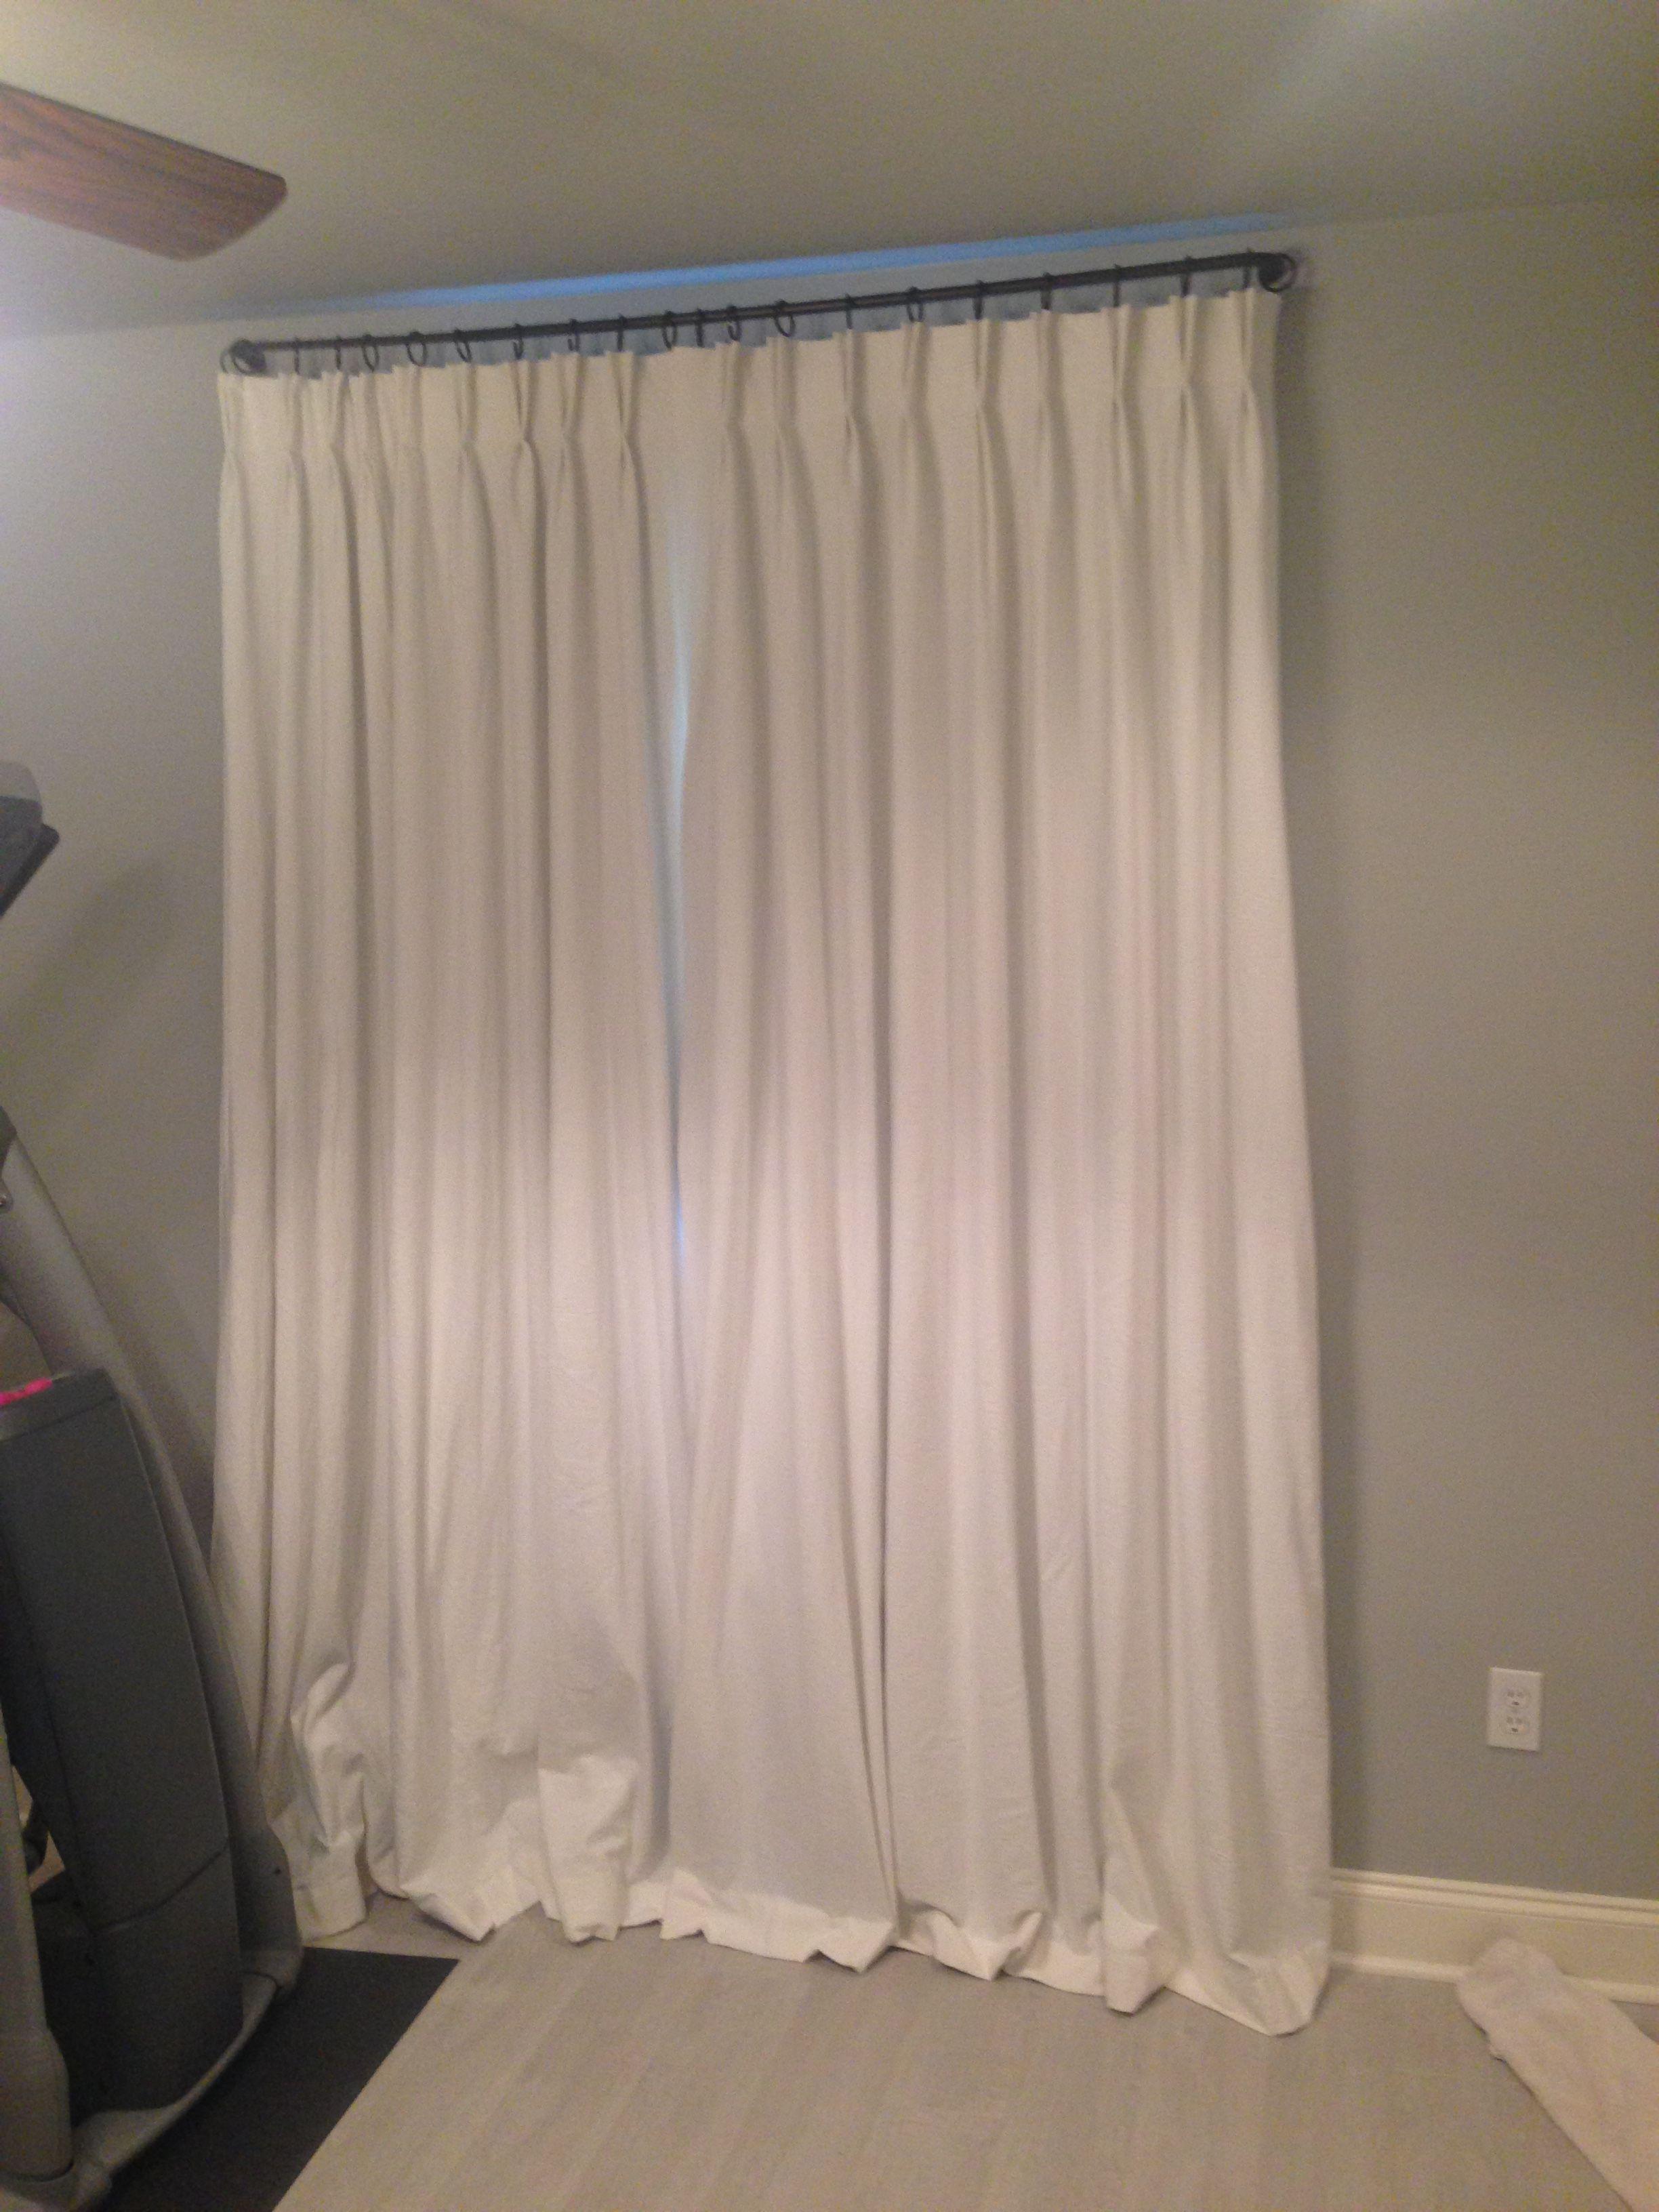 Drop Cloth Blackout Curtains Diy Blackout Curtains Drop Cloth Curtains Curtains